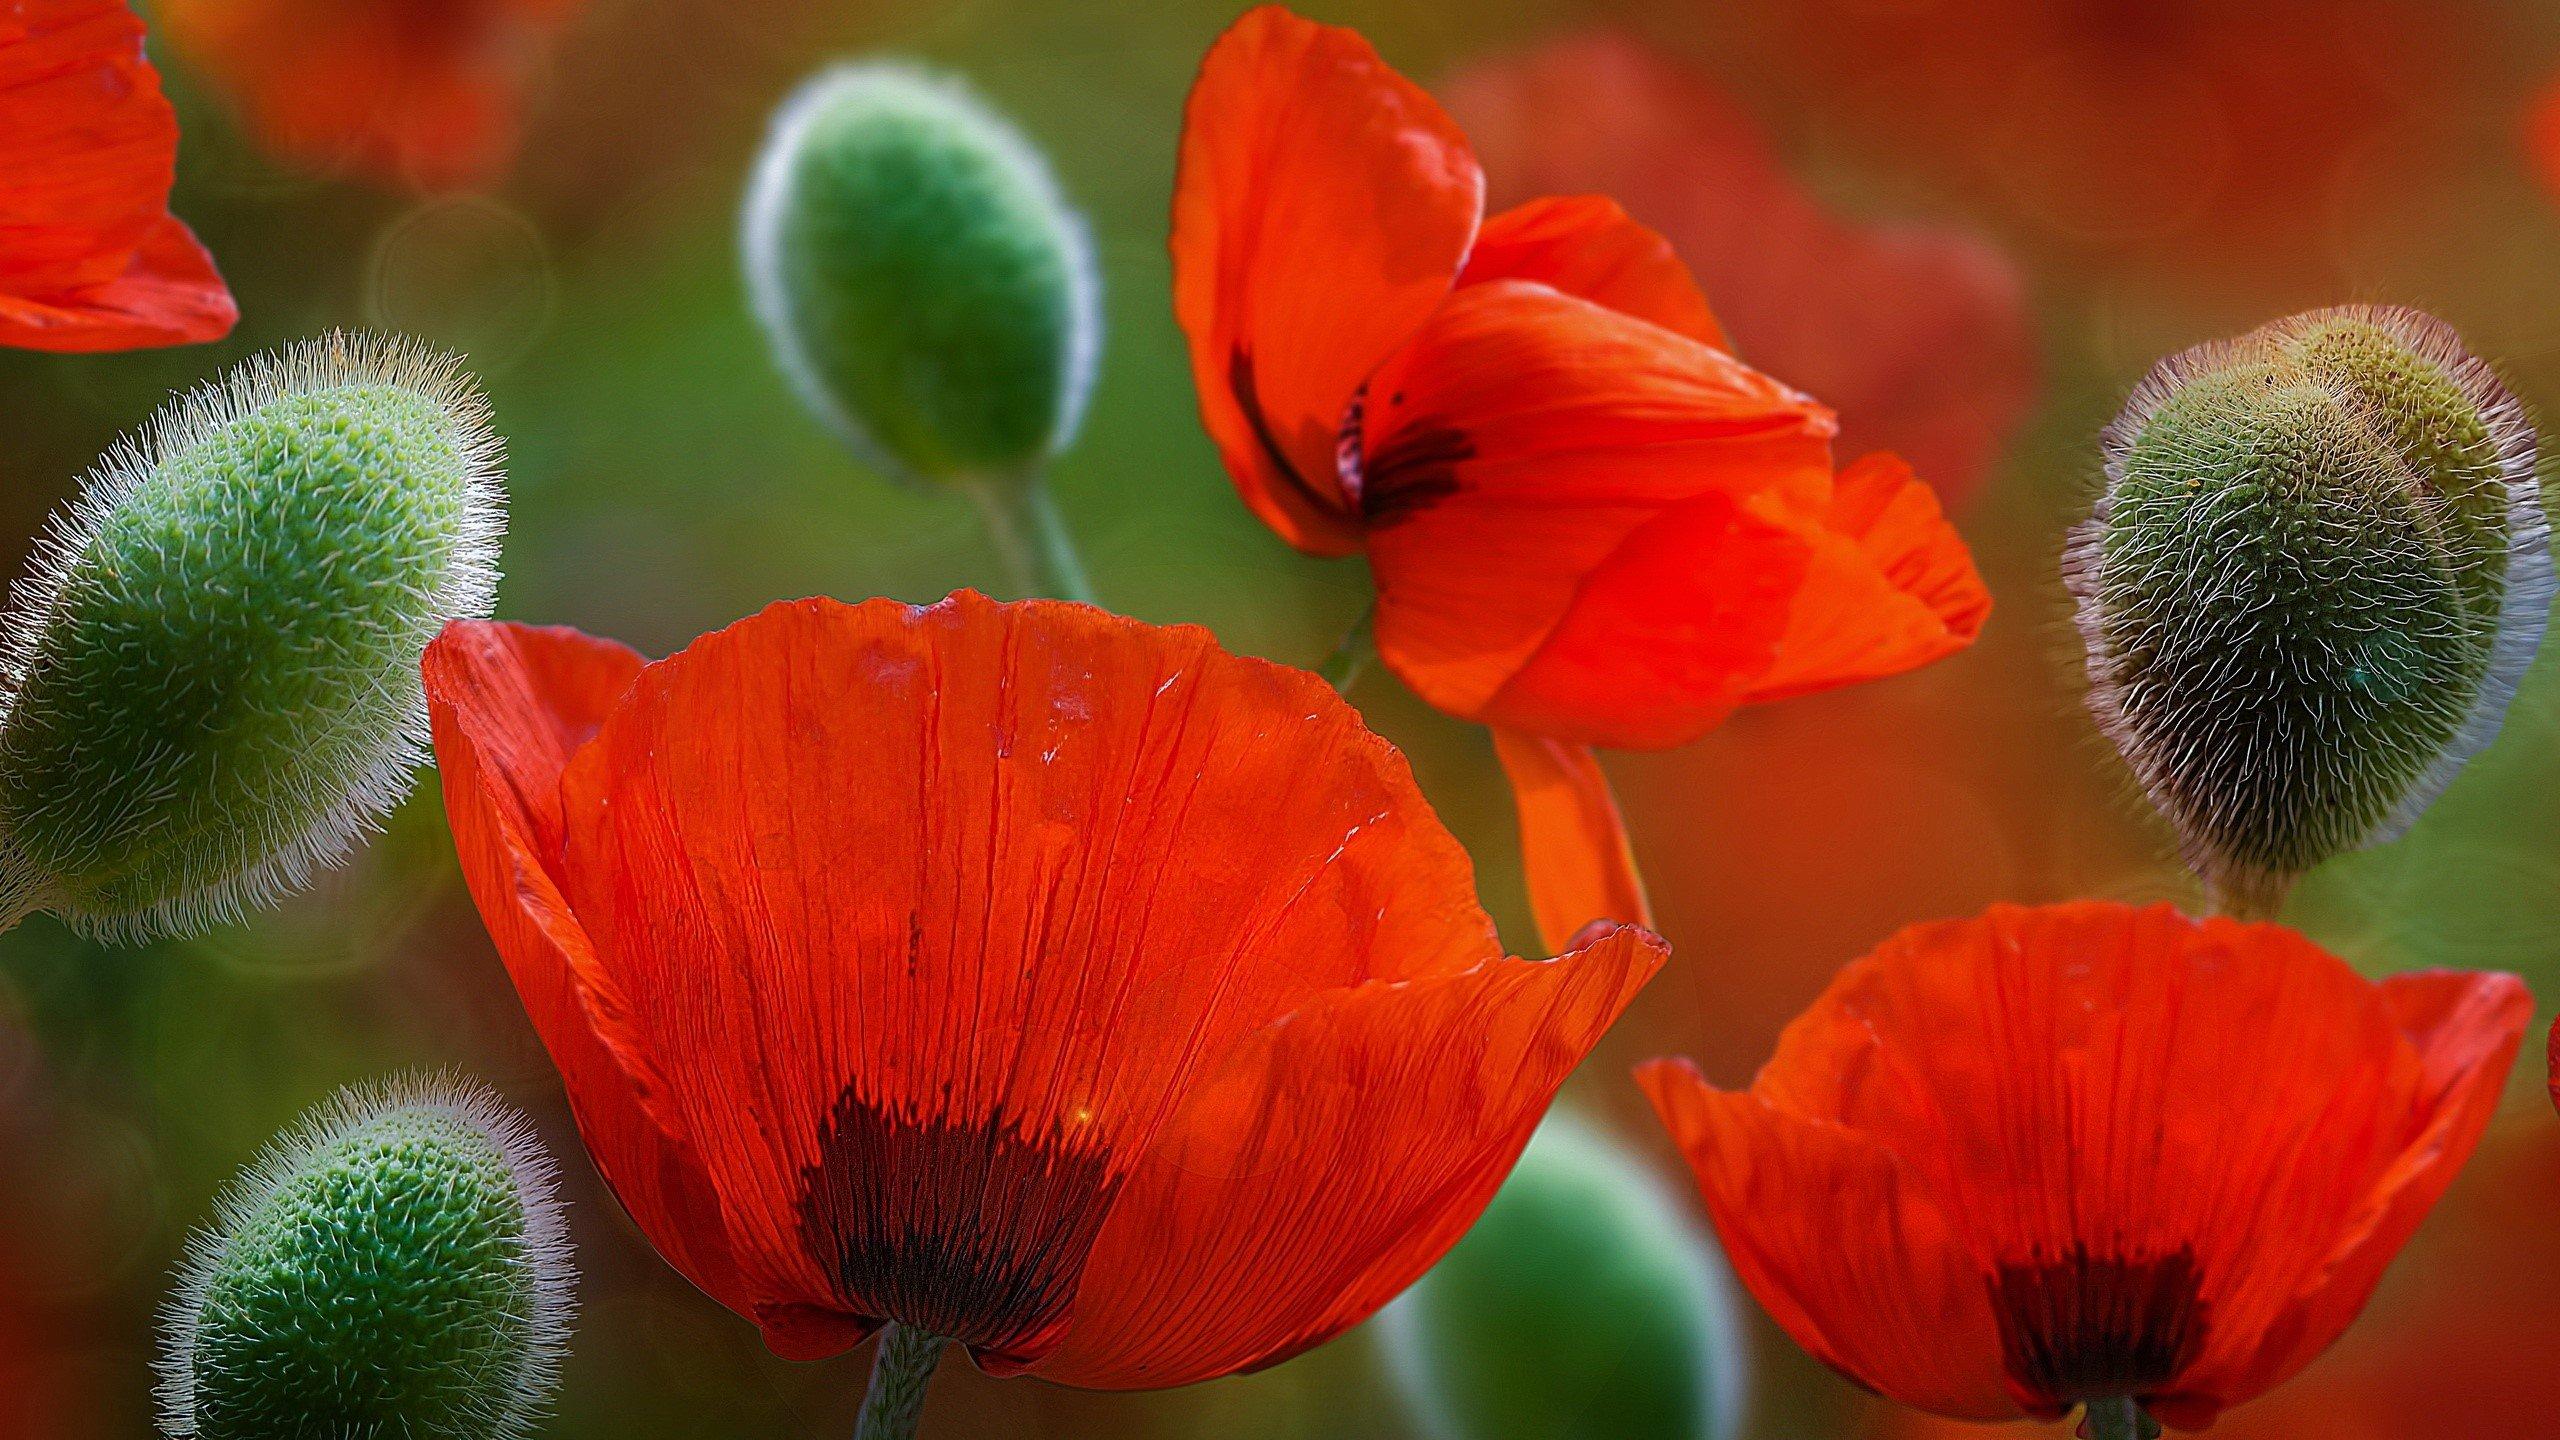 Fondos de pantalla Jardín de flores rojas